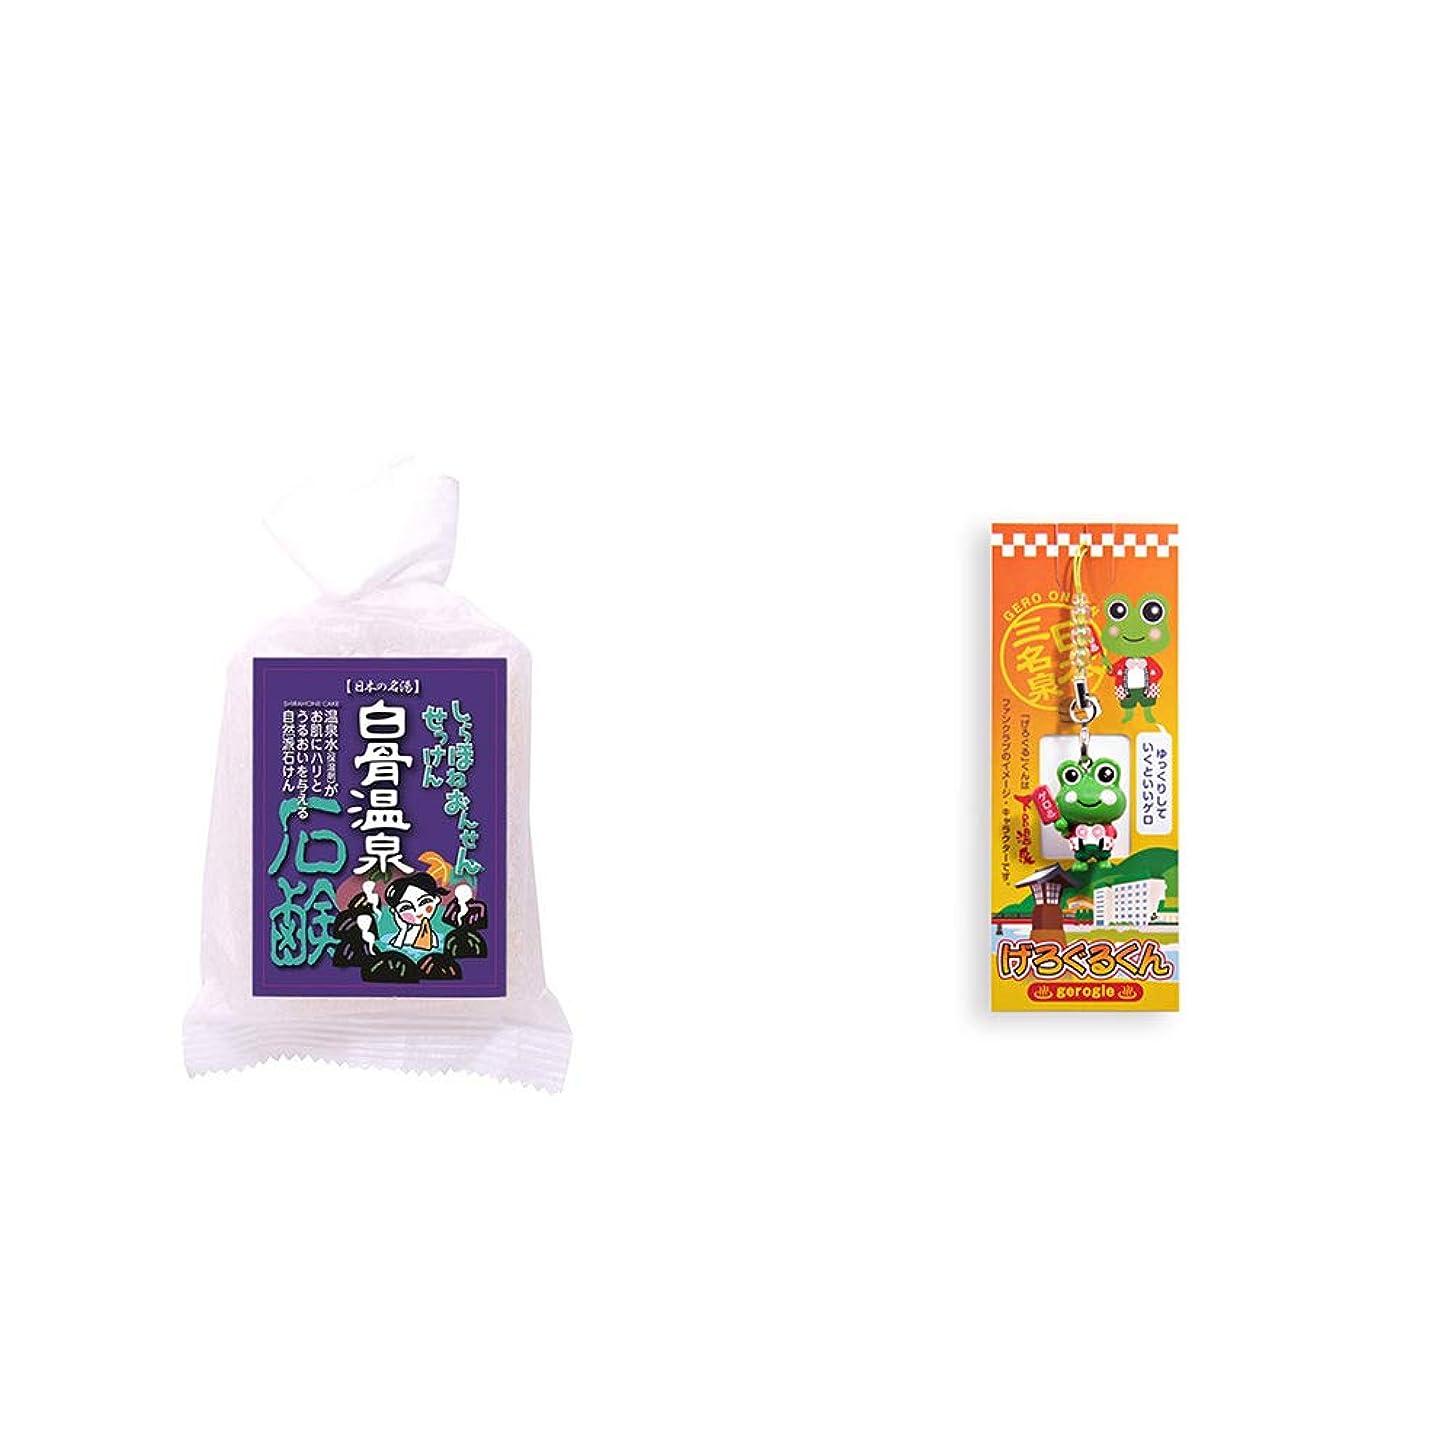 専門シェルター第五[2点セット] 信州 白骨温泉石鹸(80g)?下呂温泉ファンクラブのイメージキャラクター げろぐるくんストラップ